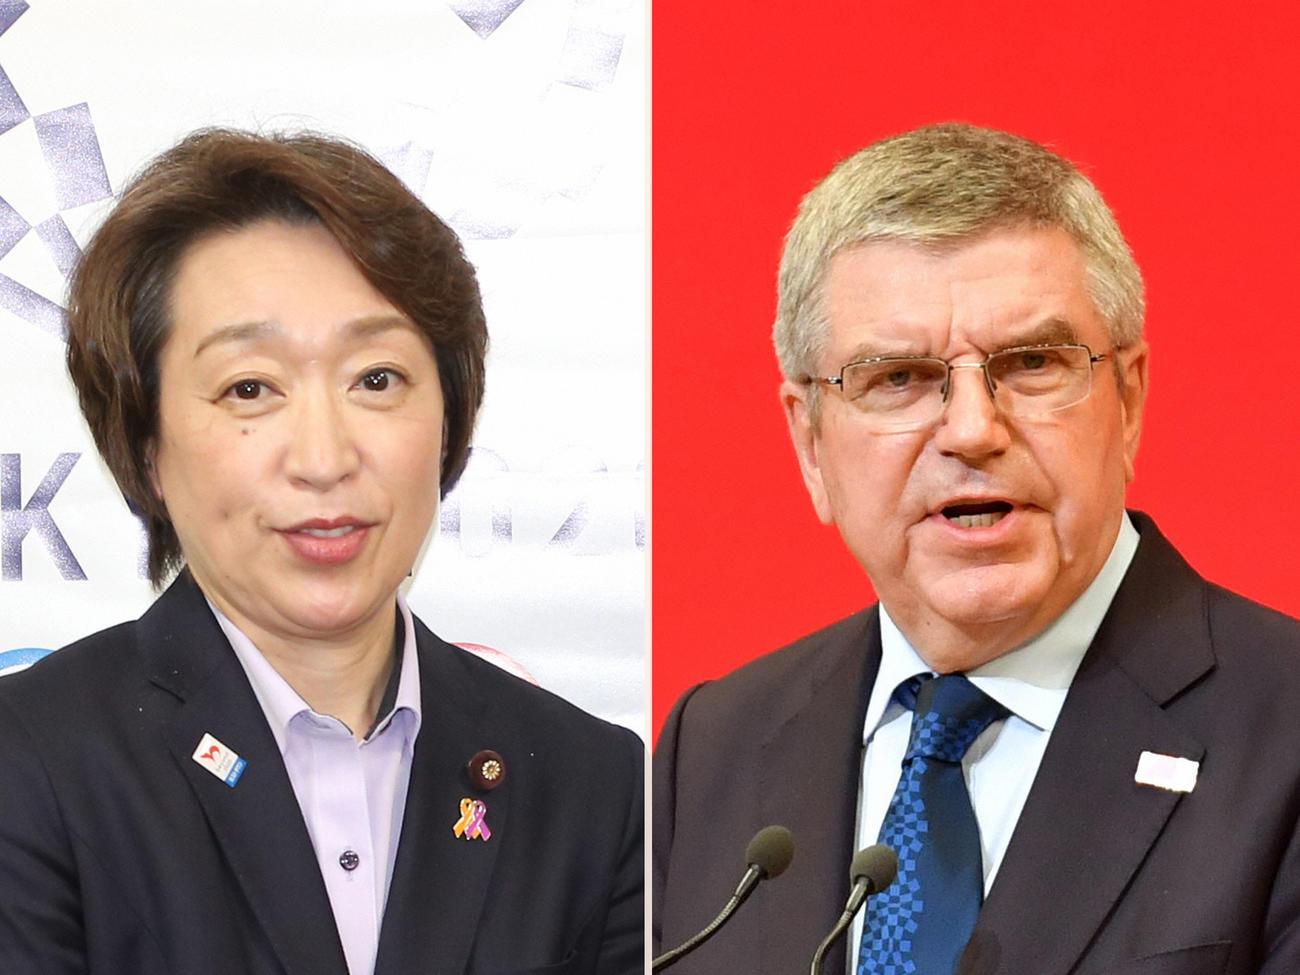 東京五輪組織委員会の橋本聖子会長(左)とIOCバッハ会長